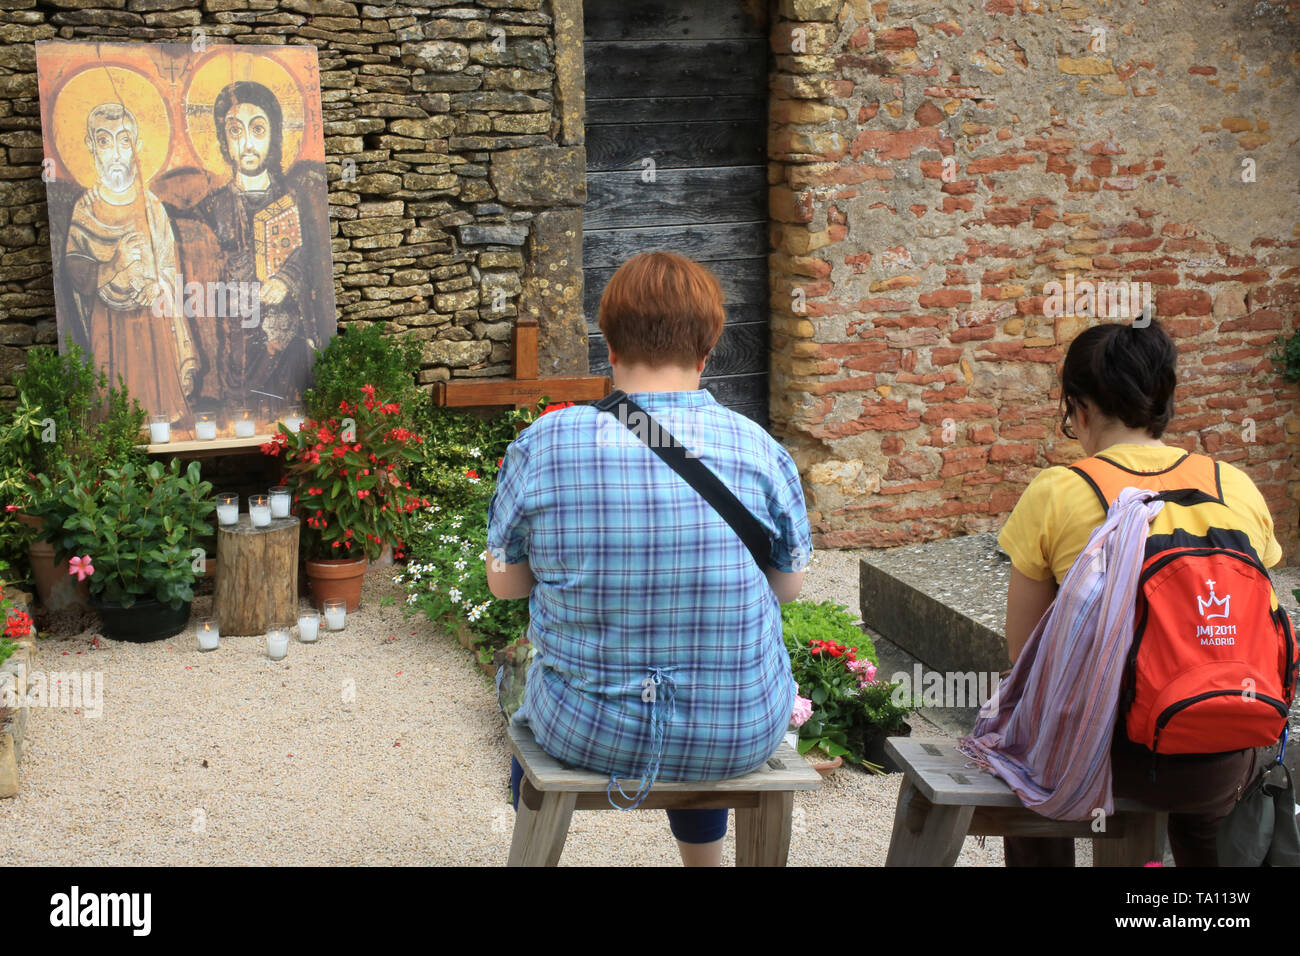 Pèlerins priant devant la tombe de Frère Roger. Taizé. - Stock Image